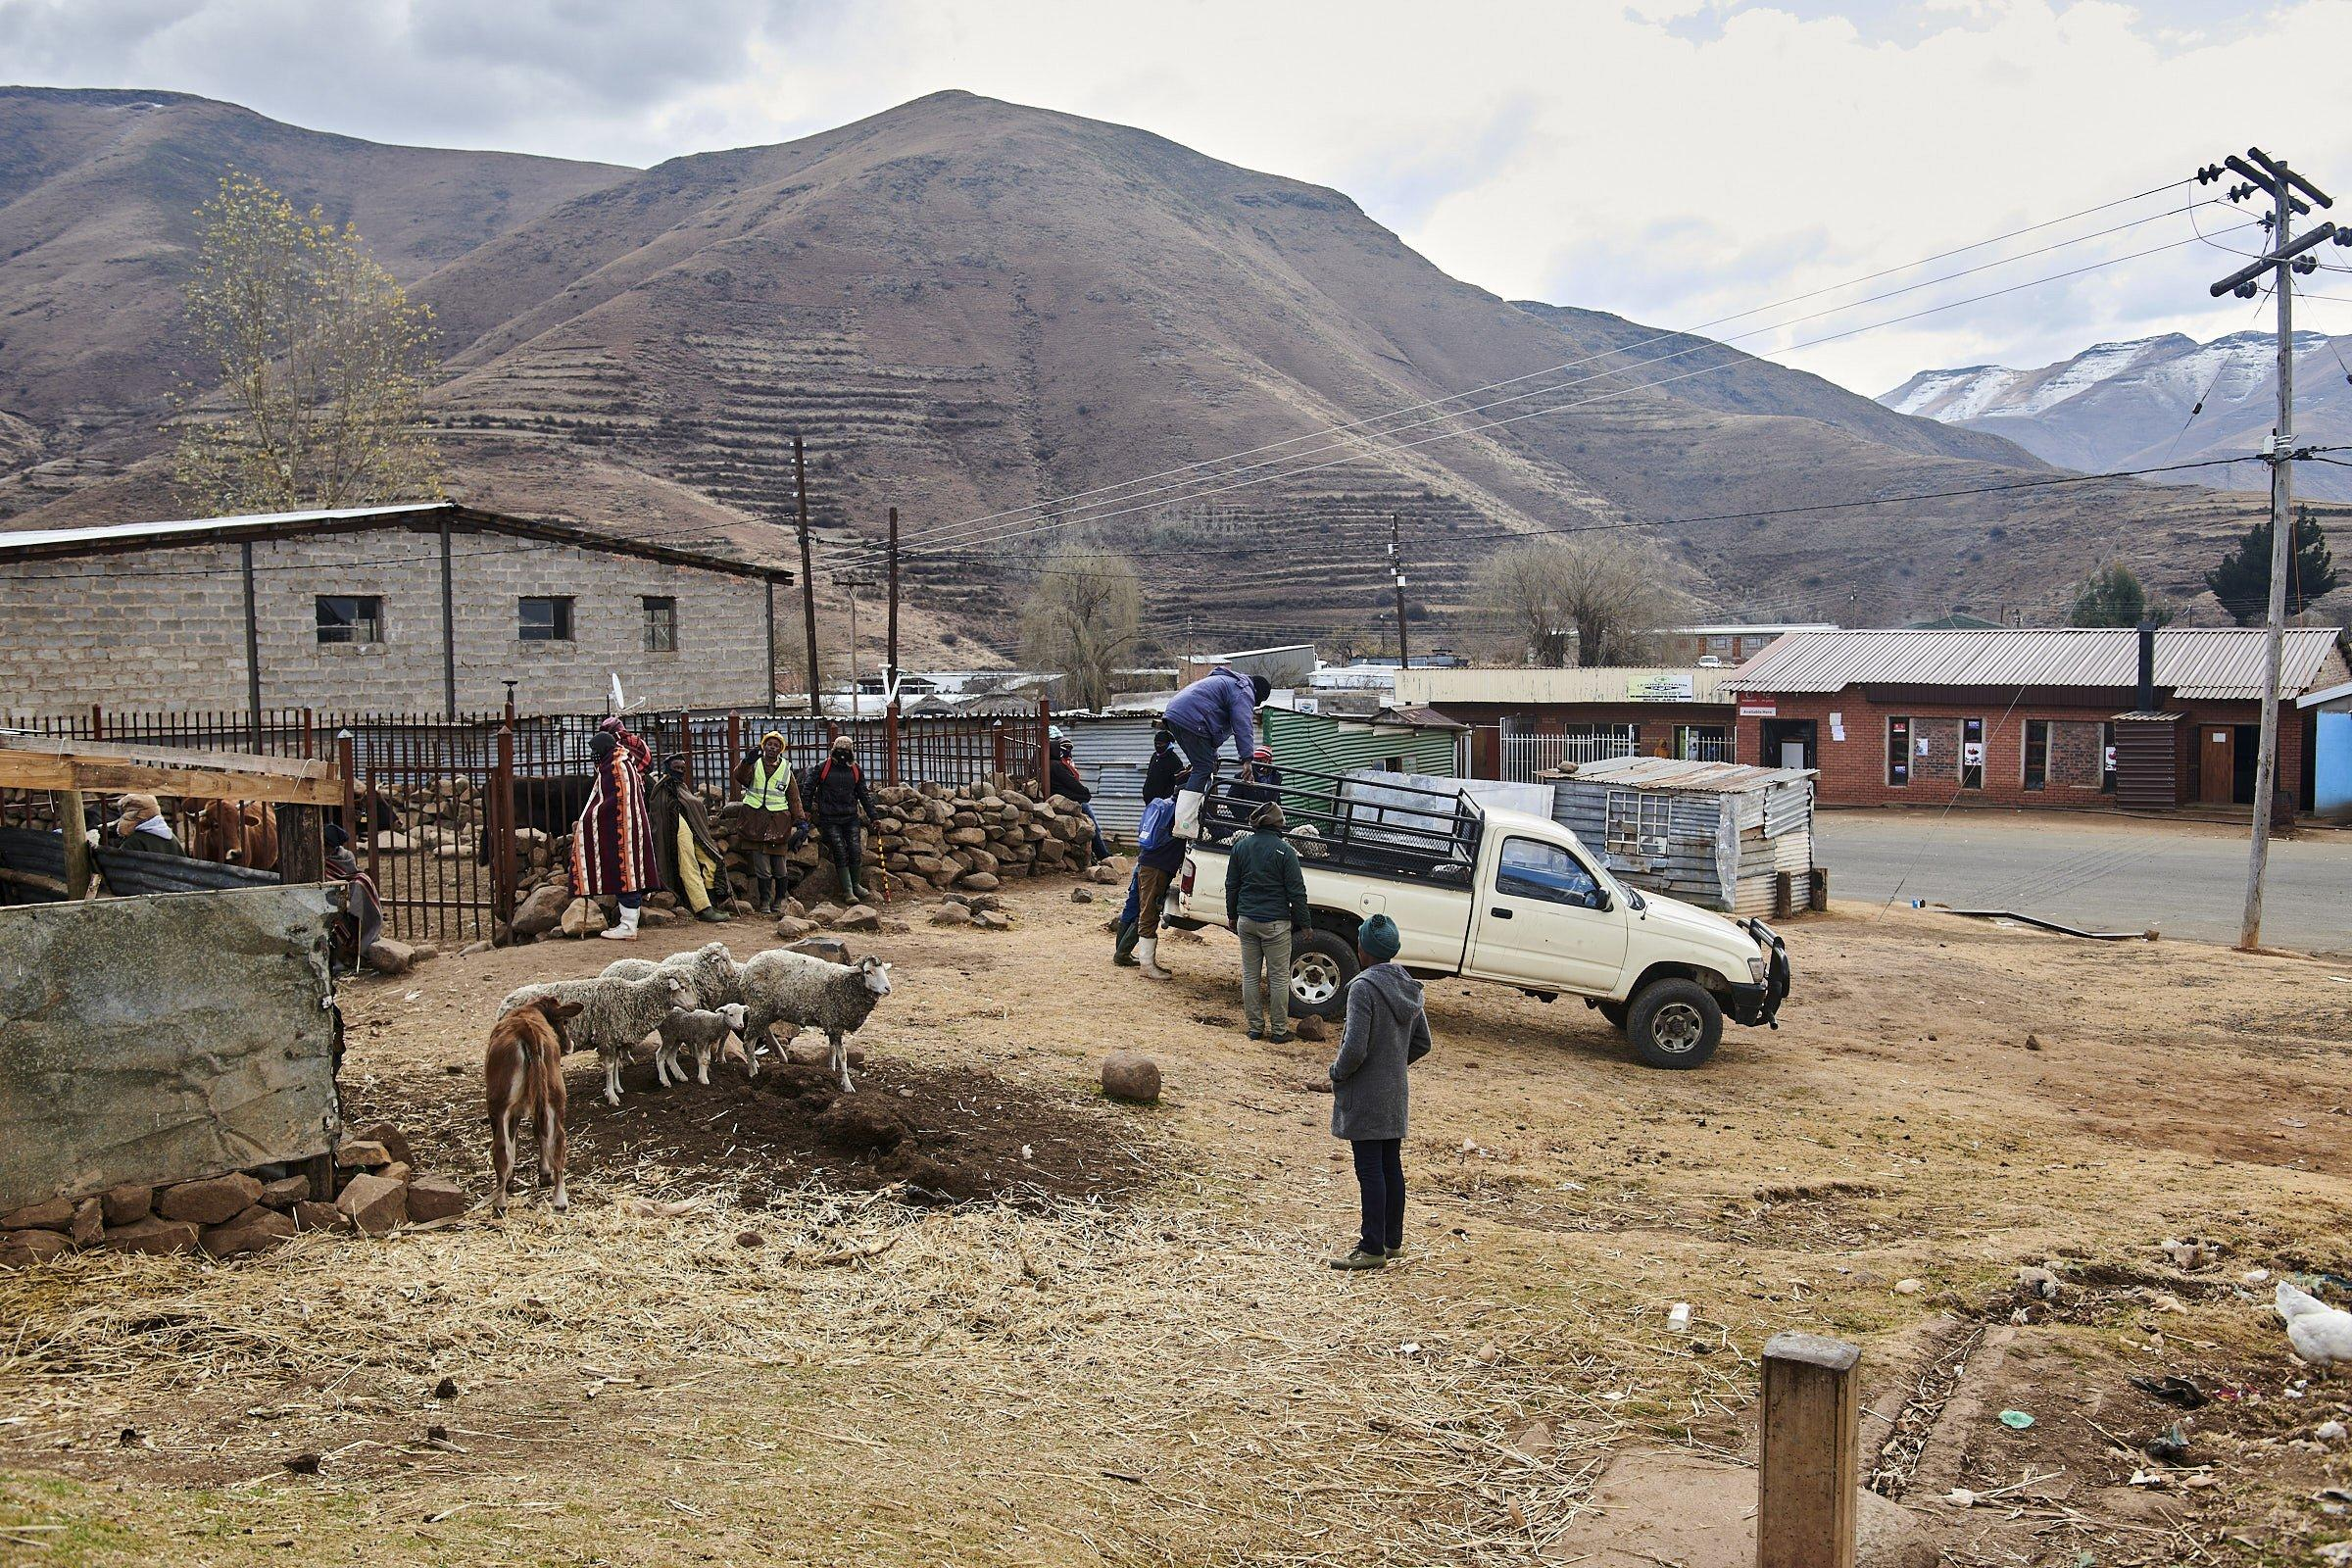 Auf dem Dorfplatz verladen Männer Schafe auf einen Pick-up, andere Kleinbauern lehnen am Zaun zum Viehpferch